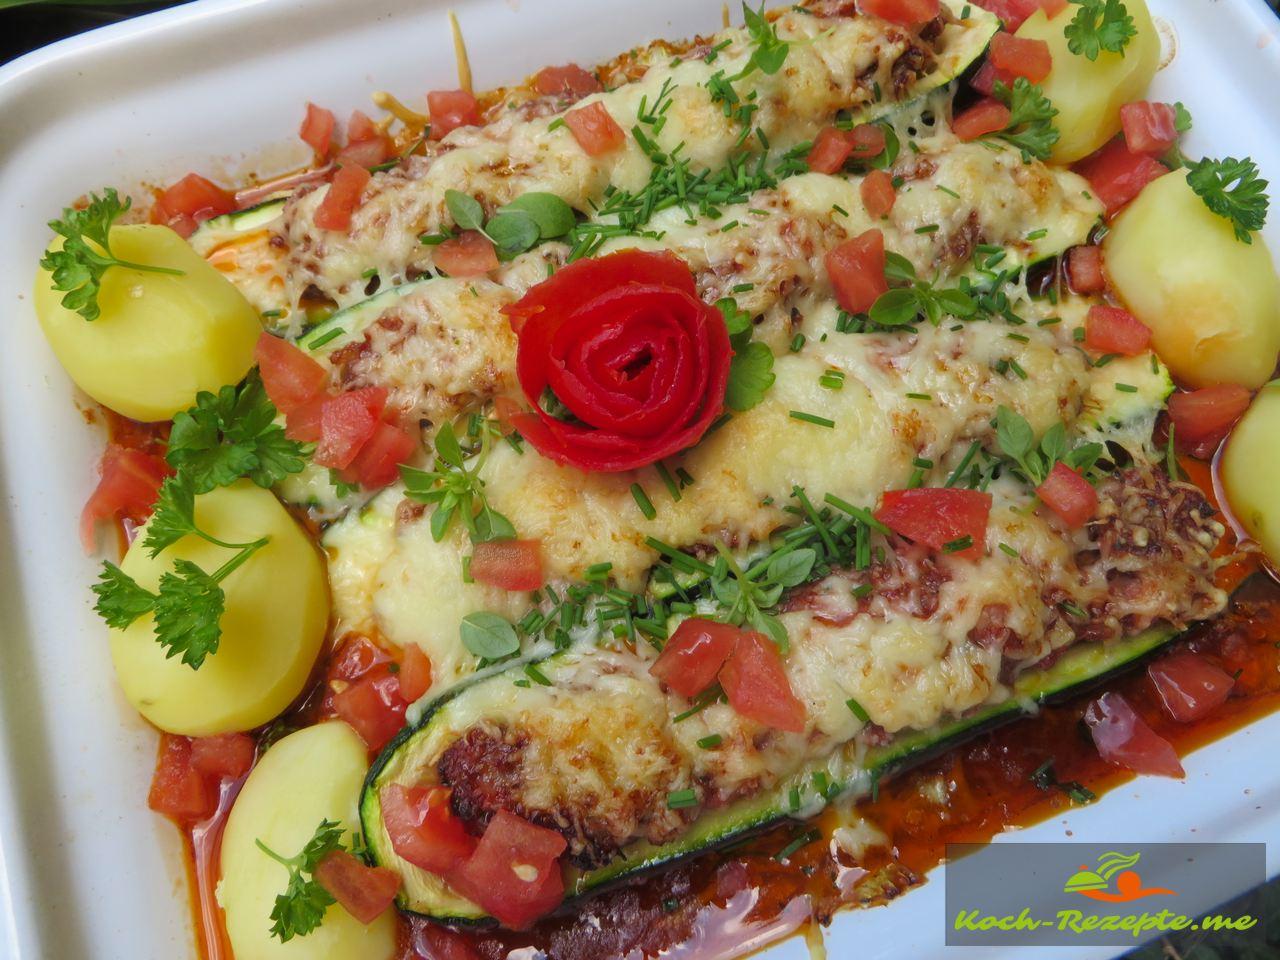 gefüllte Zucchini überbacken